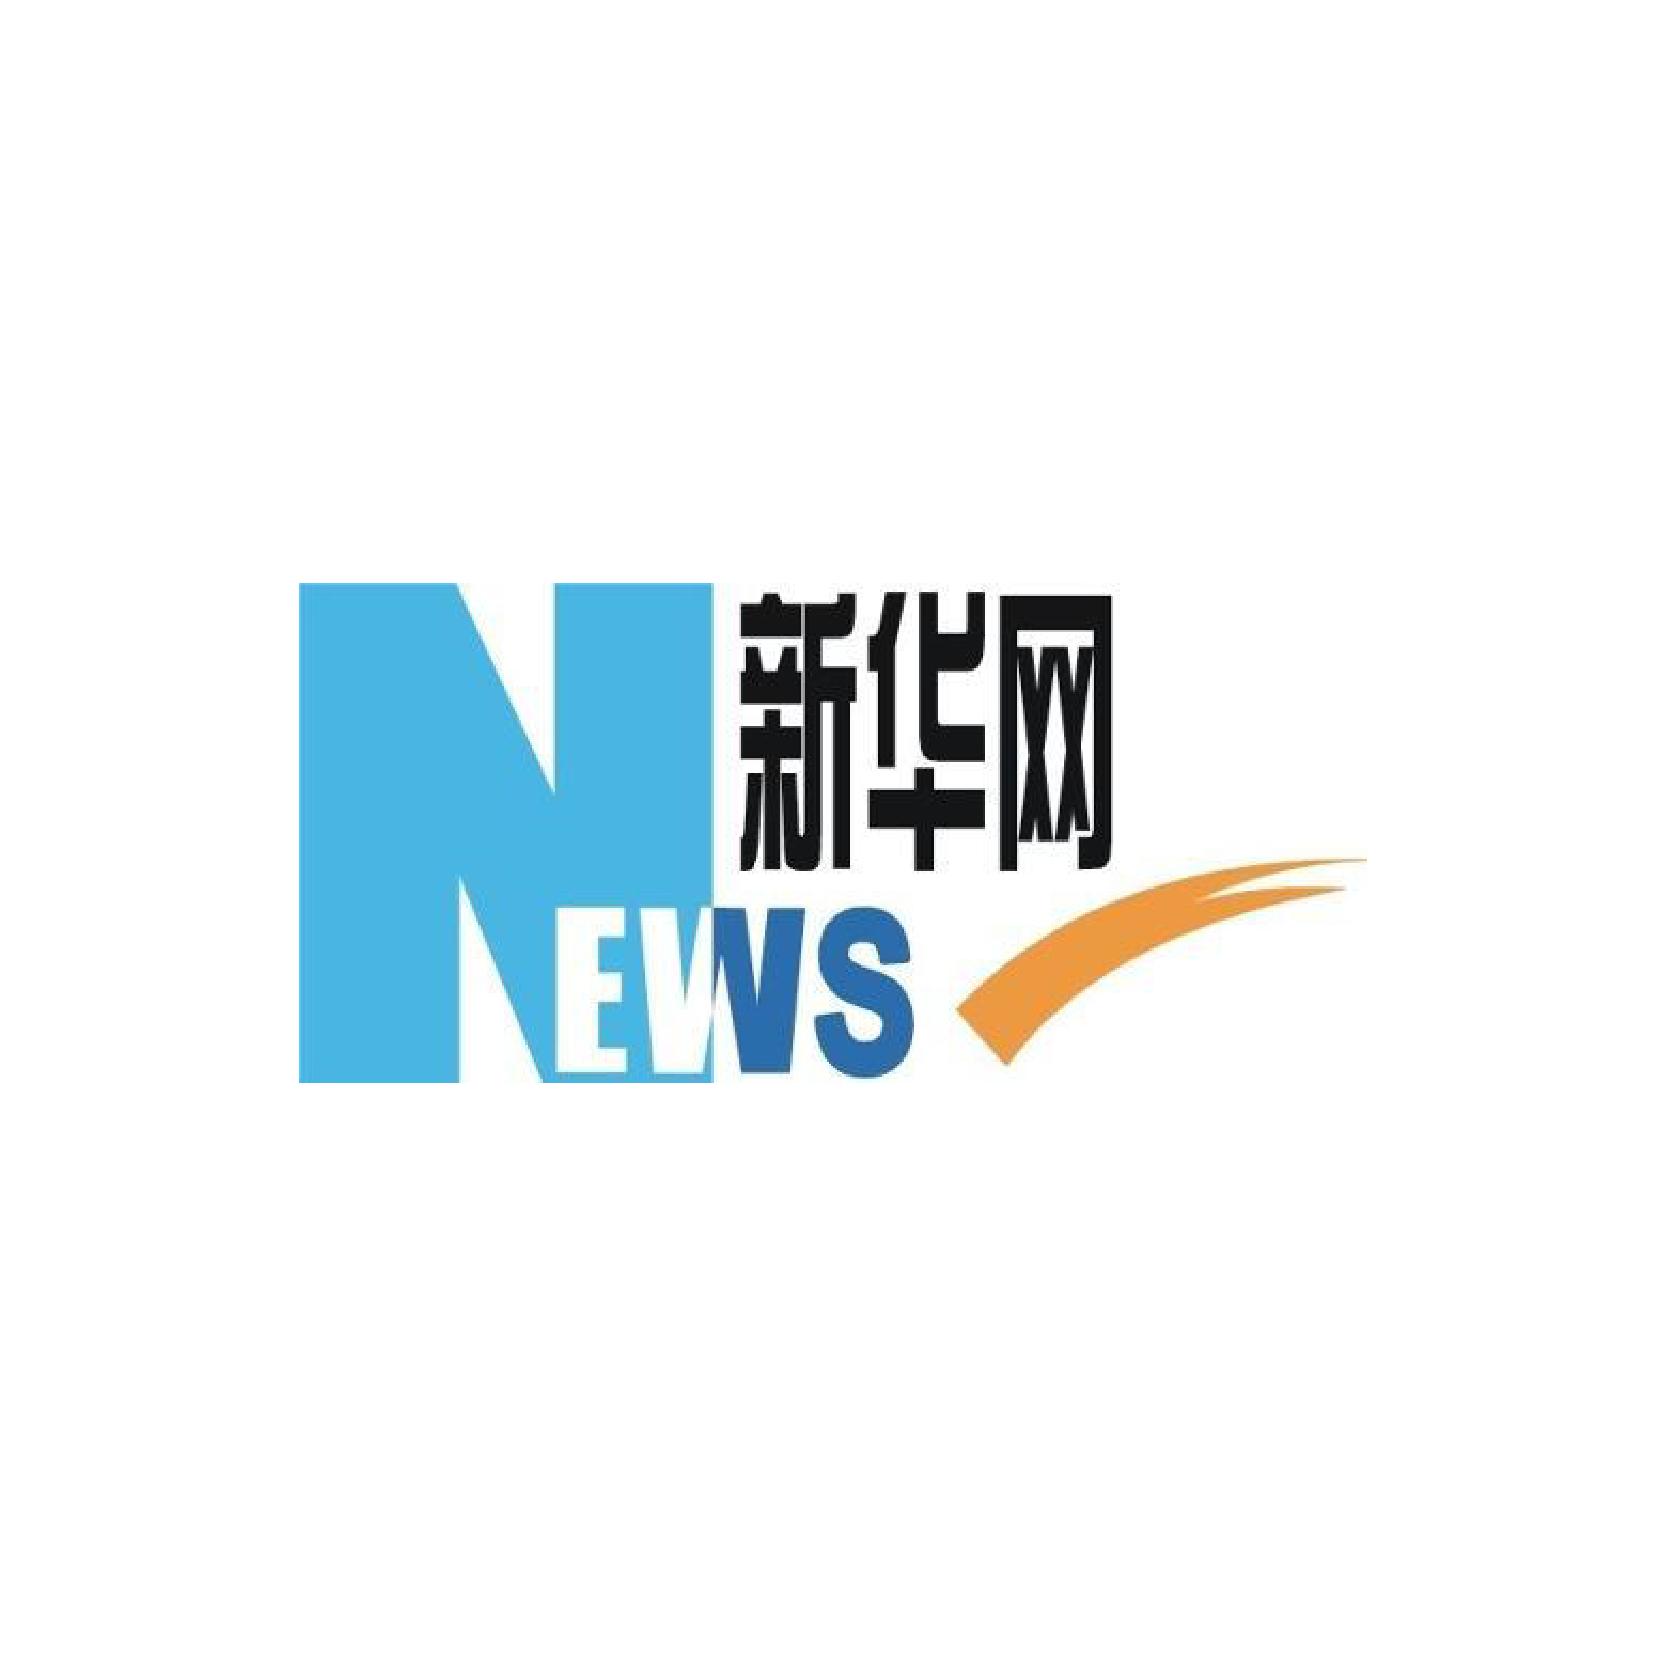 新华网重磅报道:疫情下交流不间断,中欧神外专家同台开展疑难手术示范合作